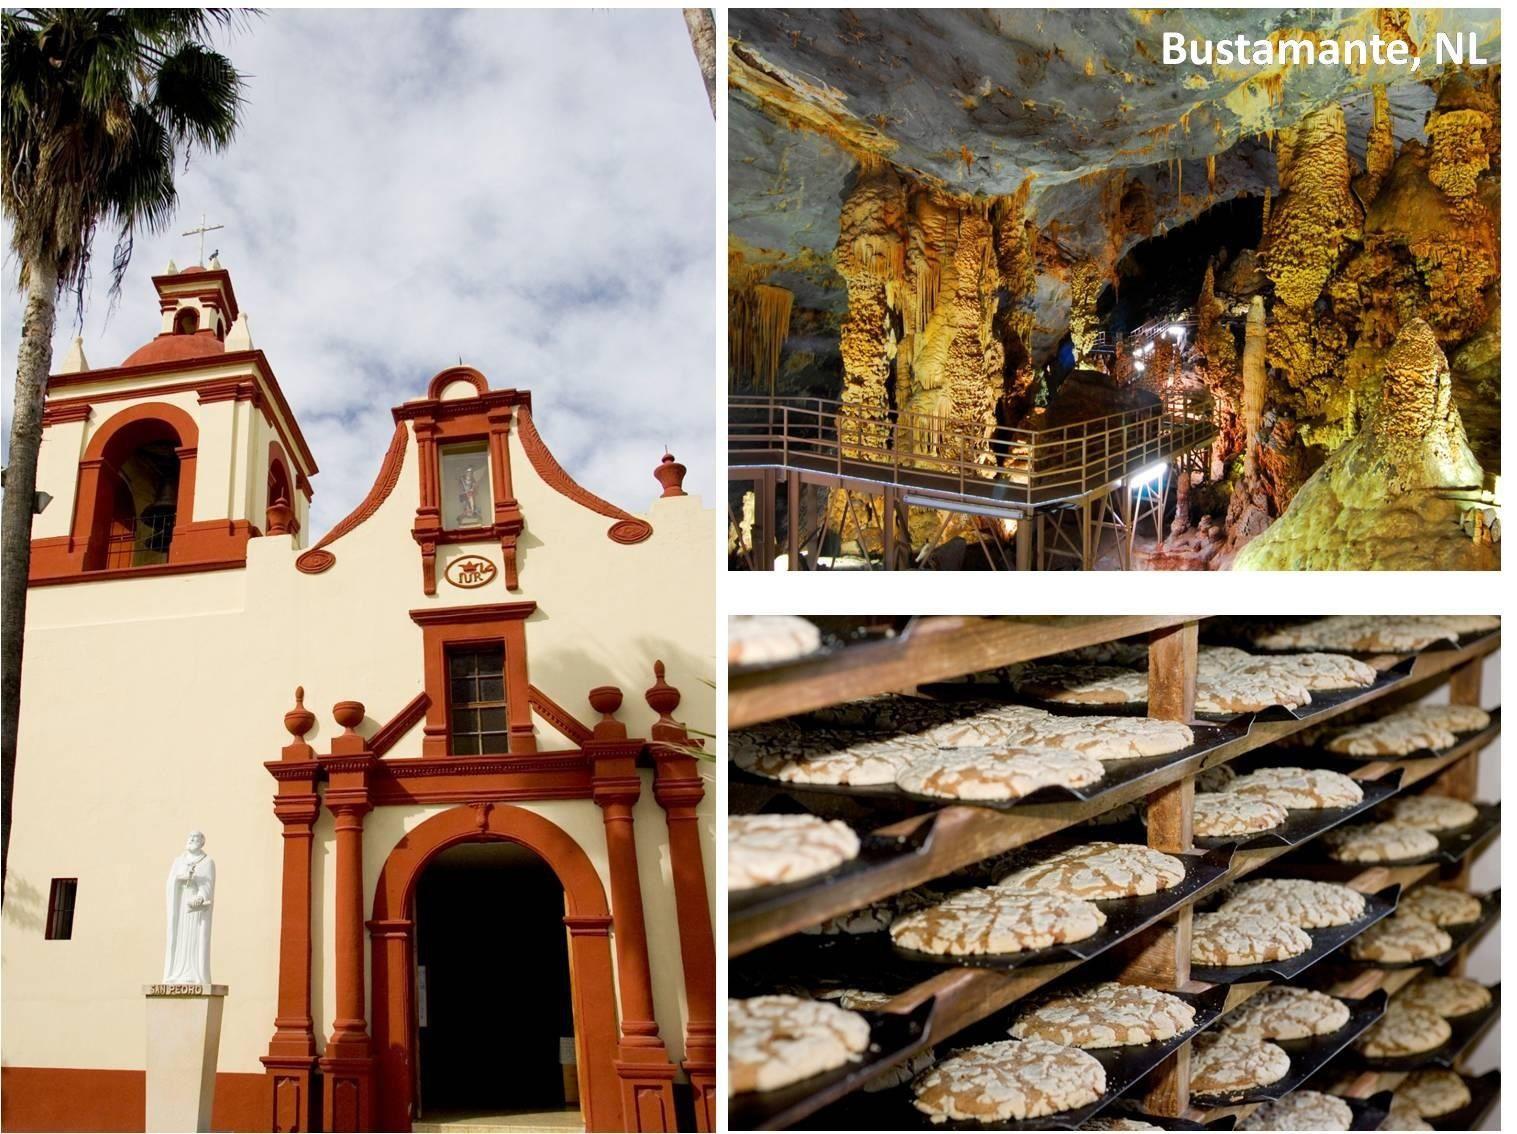 Bustamante, Nuevo Leon